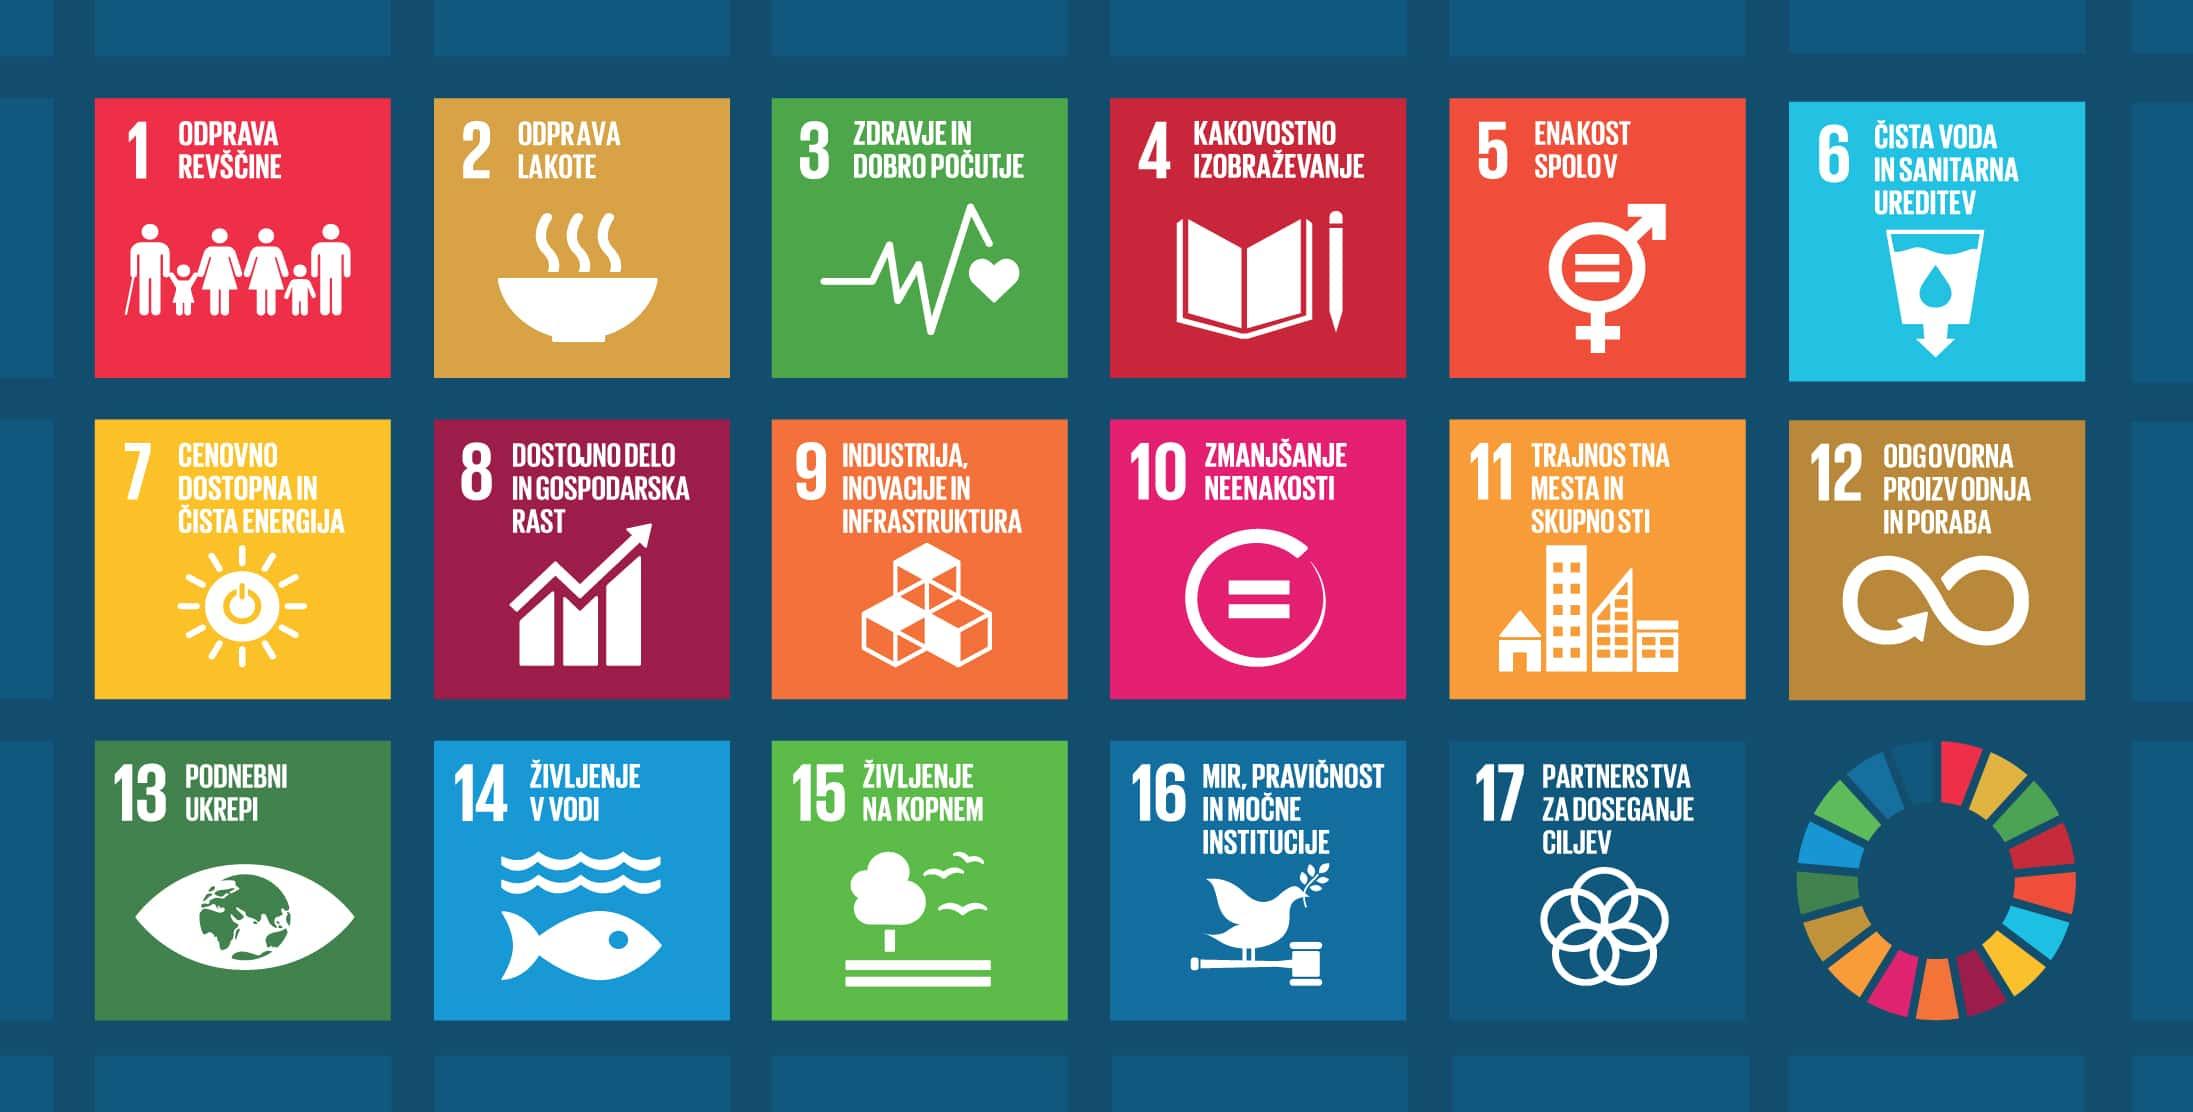 Usposabljanje o komuniciranju in vključevanju ciljev trajnostnega razvoja znotraj organizacij